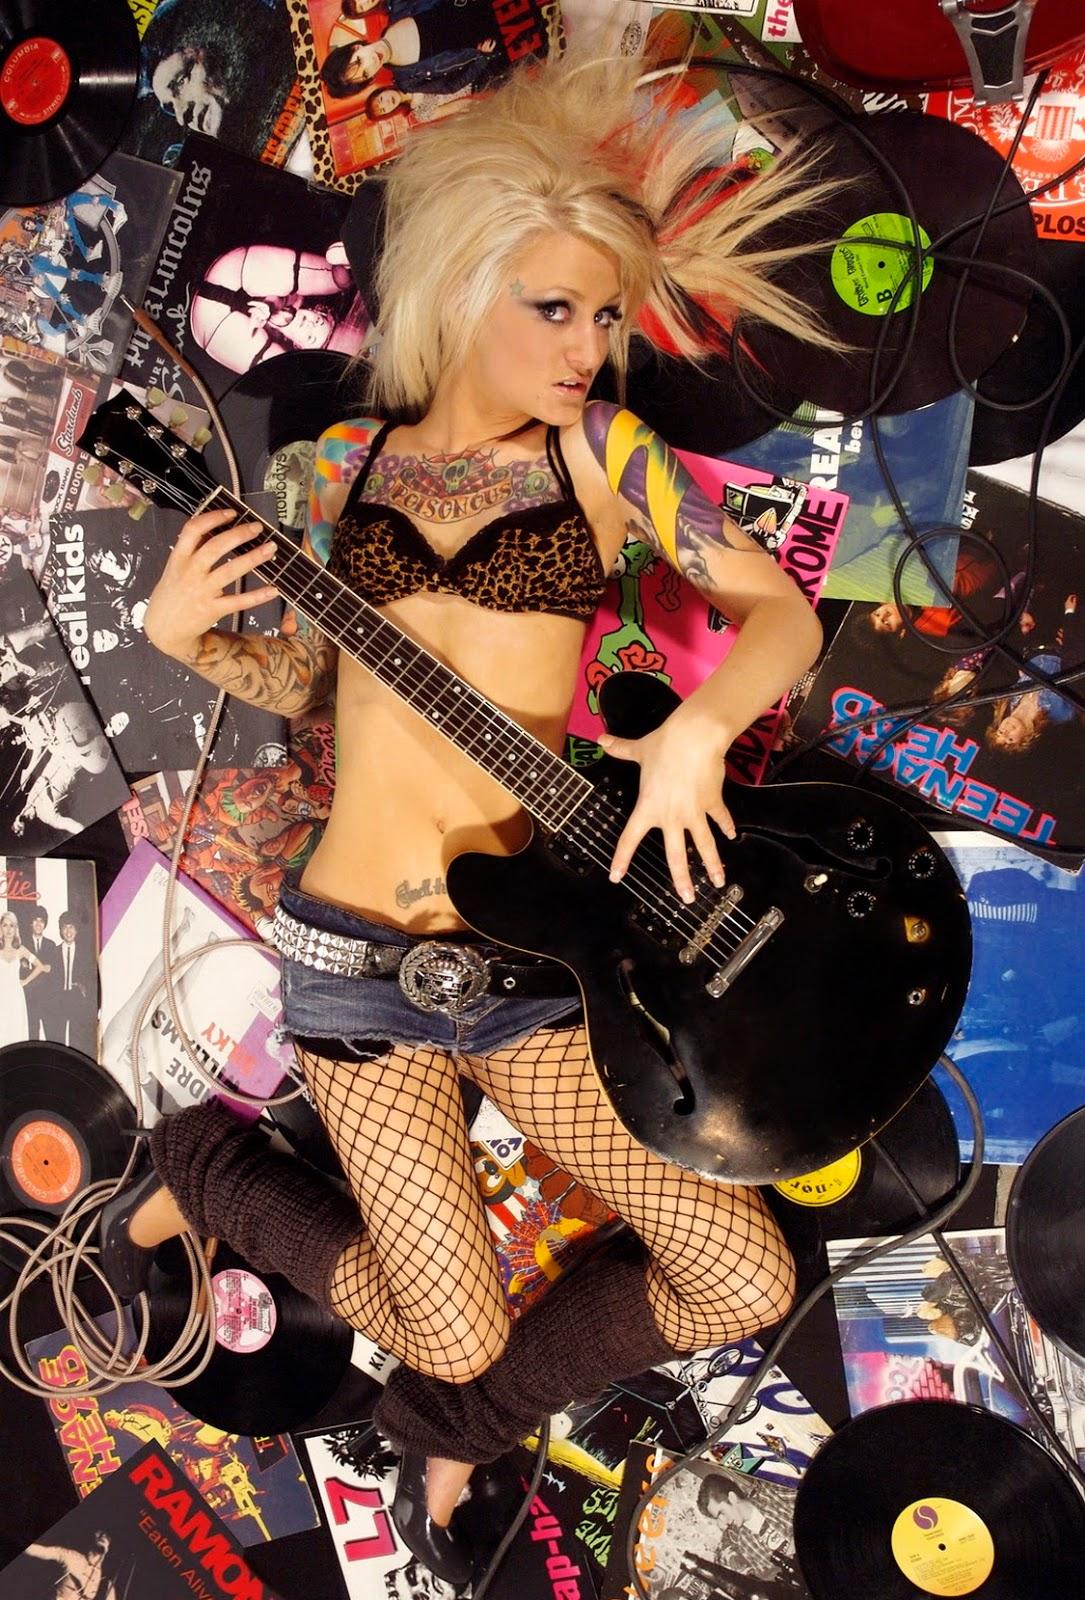 Livay D Punk Hd Hard Porn Online, Watch And Download Livay D Punk Porn Pics